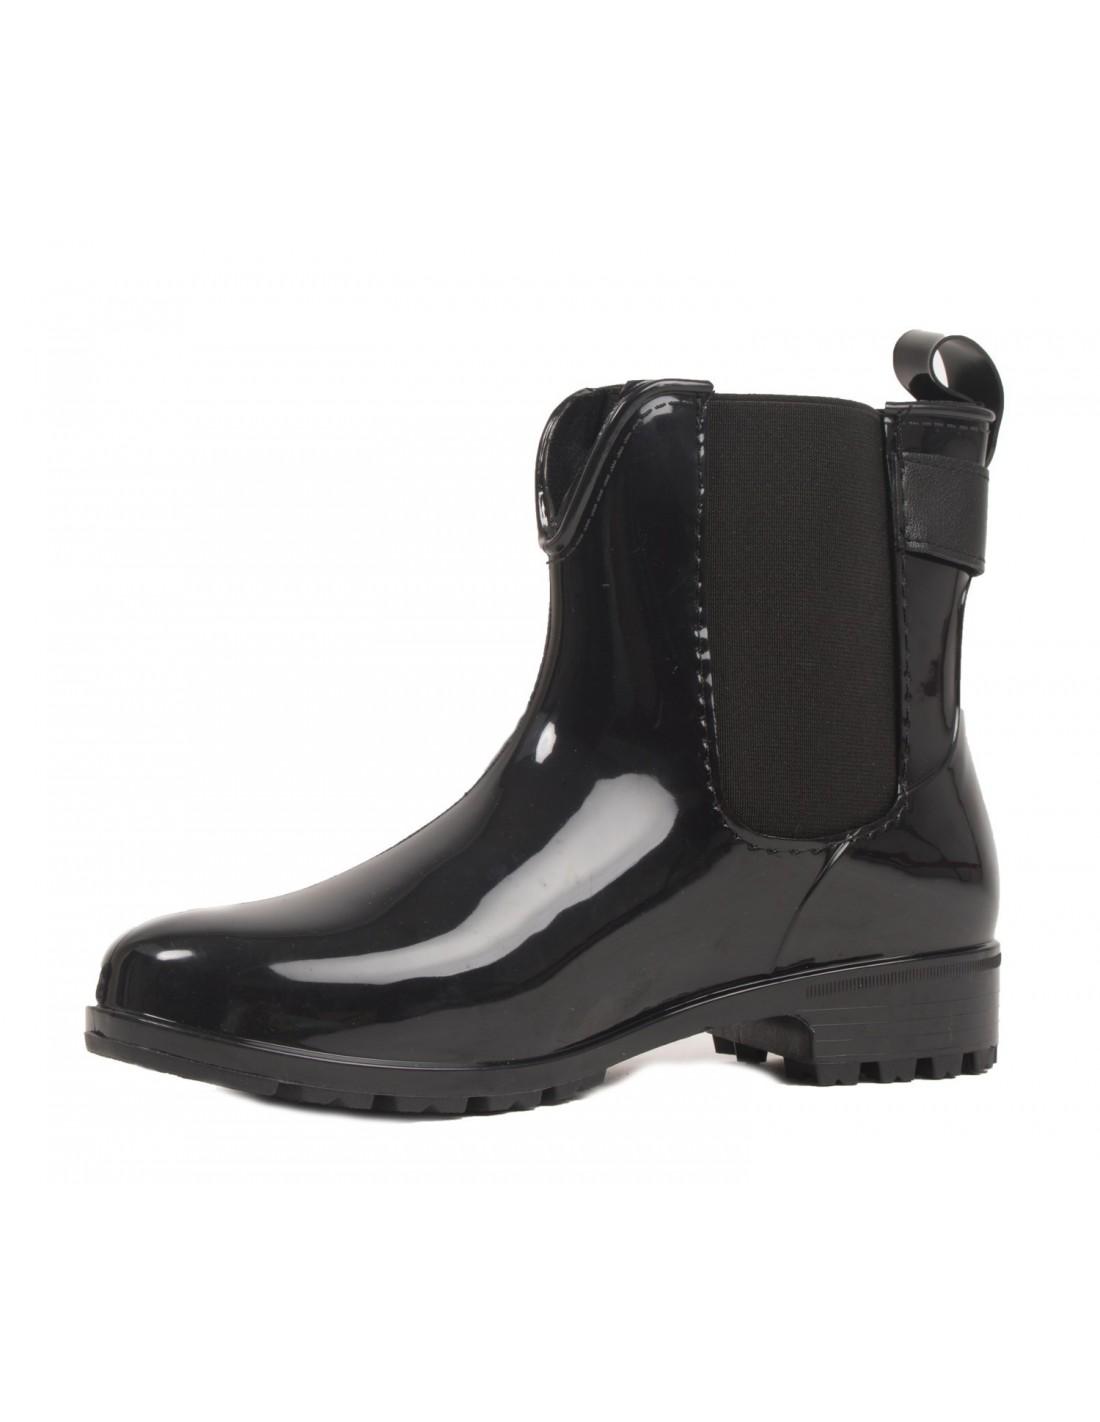 bottines caoutchouc noir pour femme type bottes de pluie rainboots. Black Bedroom Furniture Sets. Home Design Ideas